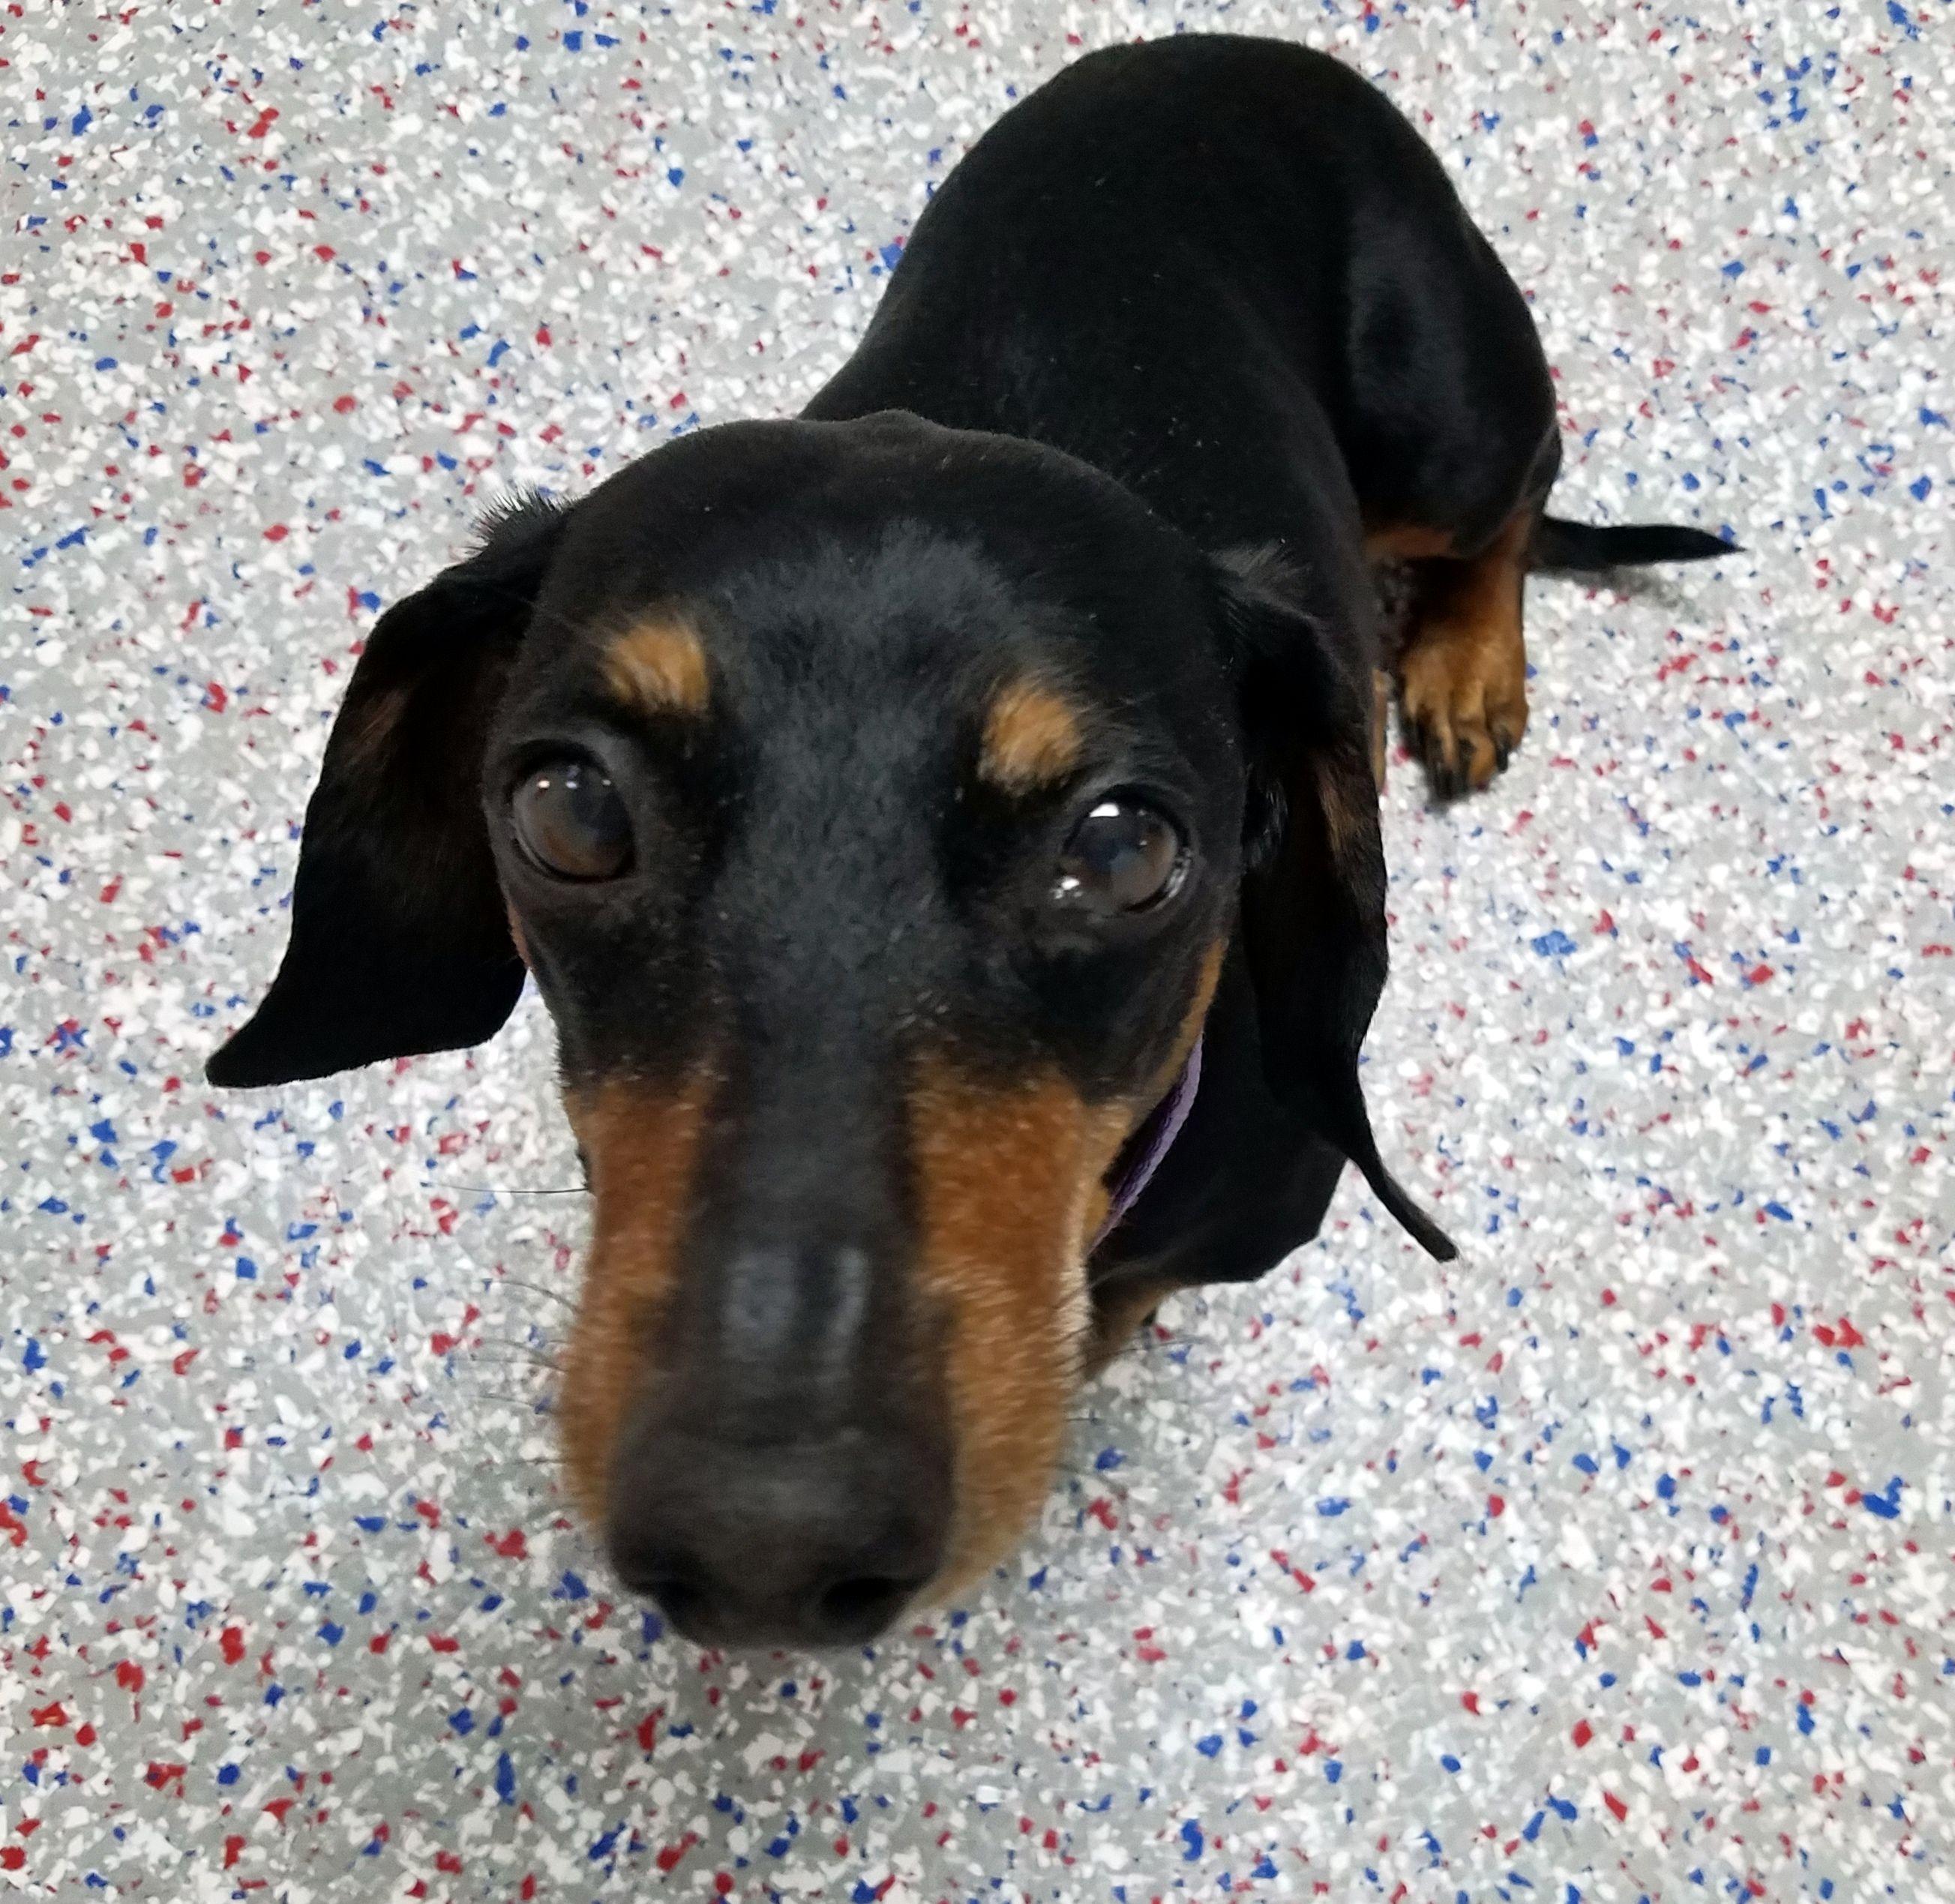 Dachshund dog for Adoption in Lewisburg, TN. ADN517667 on